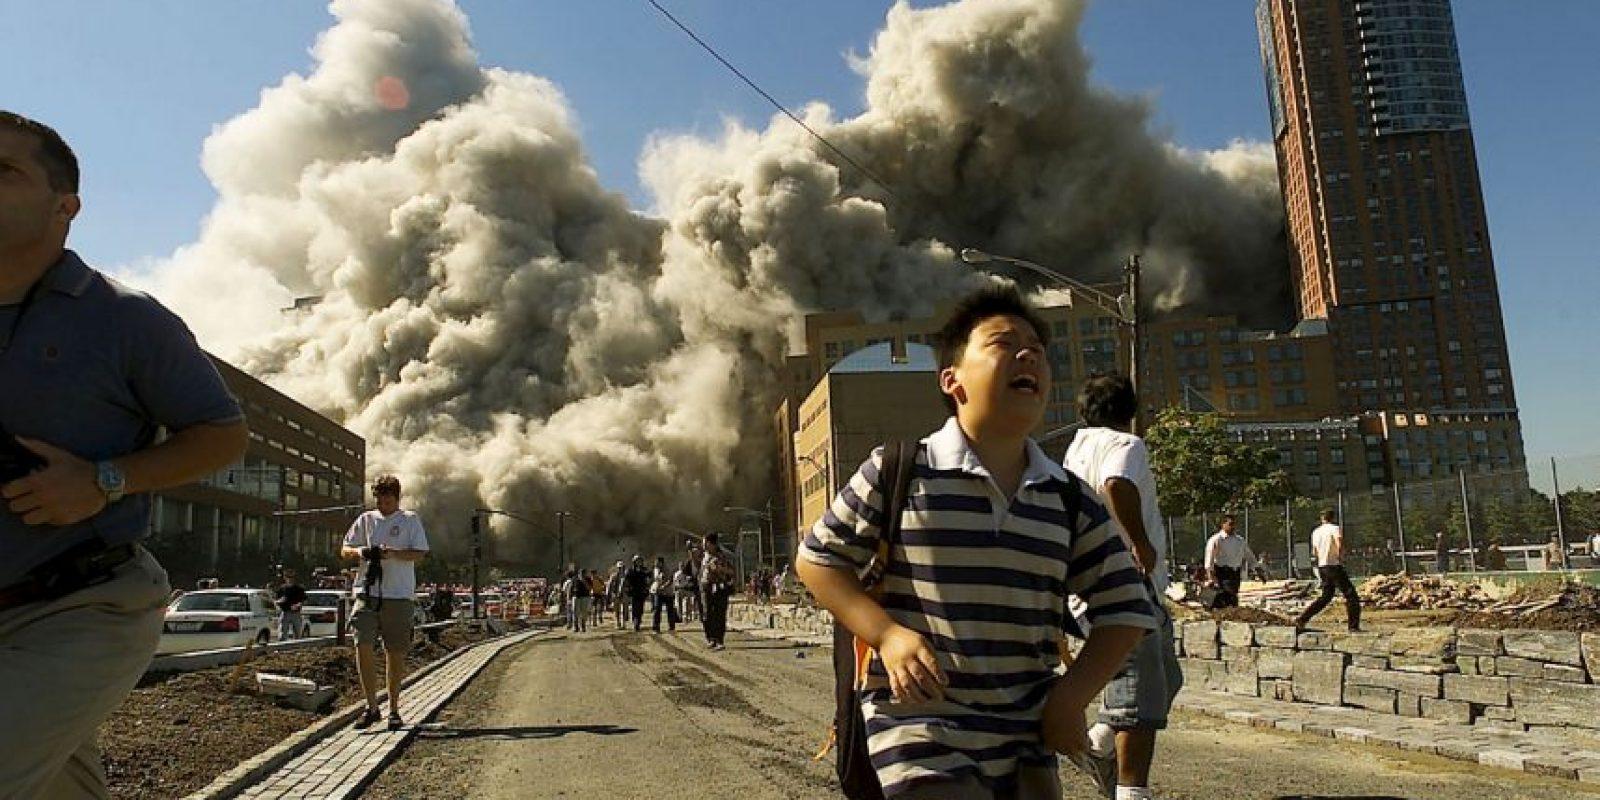 Diversos investigadores han señalado ese día como el inicio de una Tercera Guerra Mundial: La guerra contra el terrorismo Foto: Getty Images